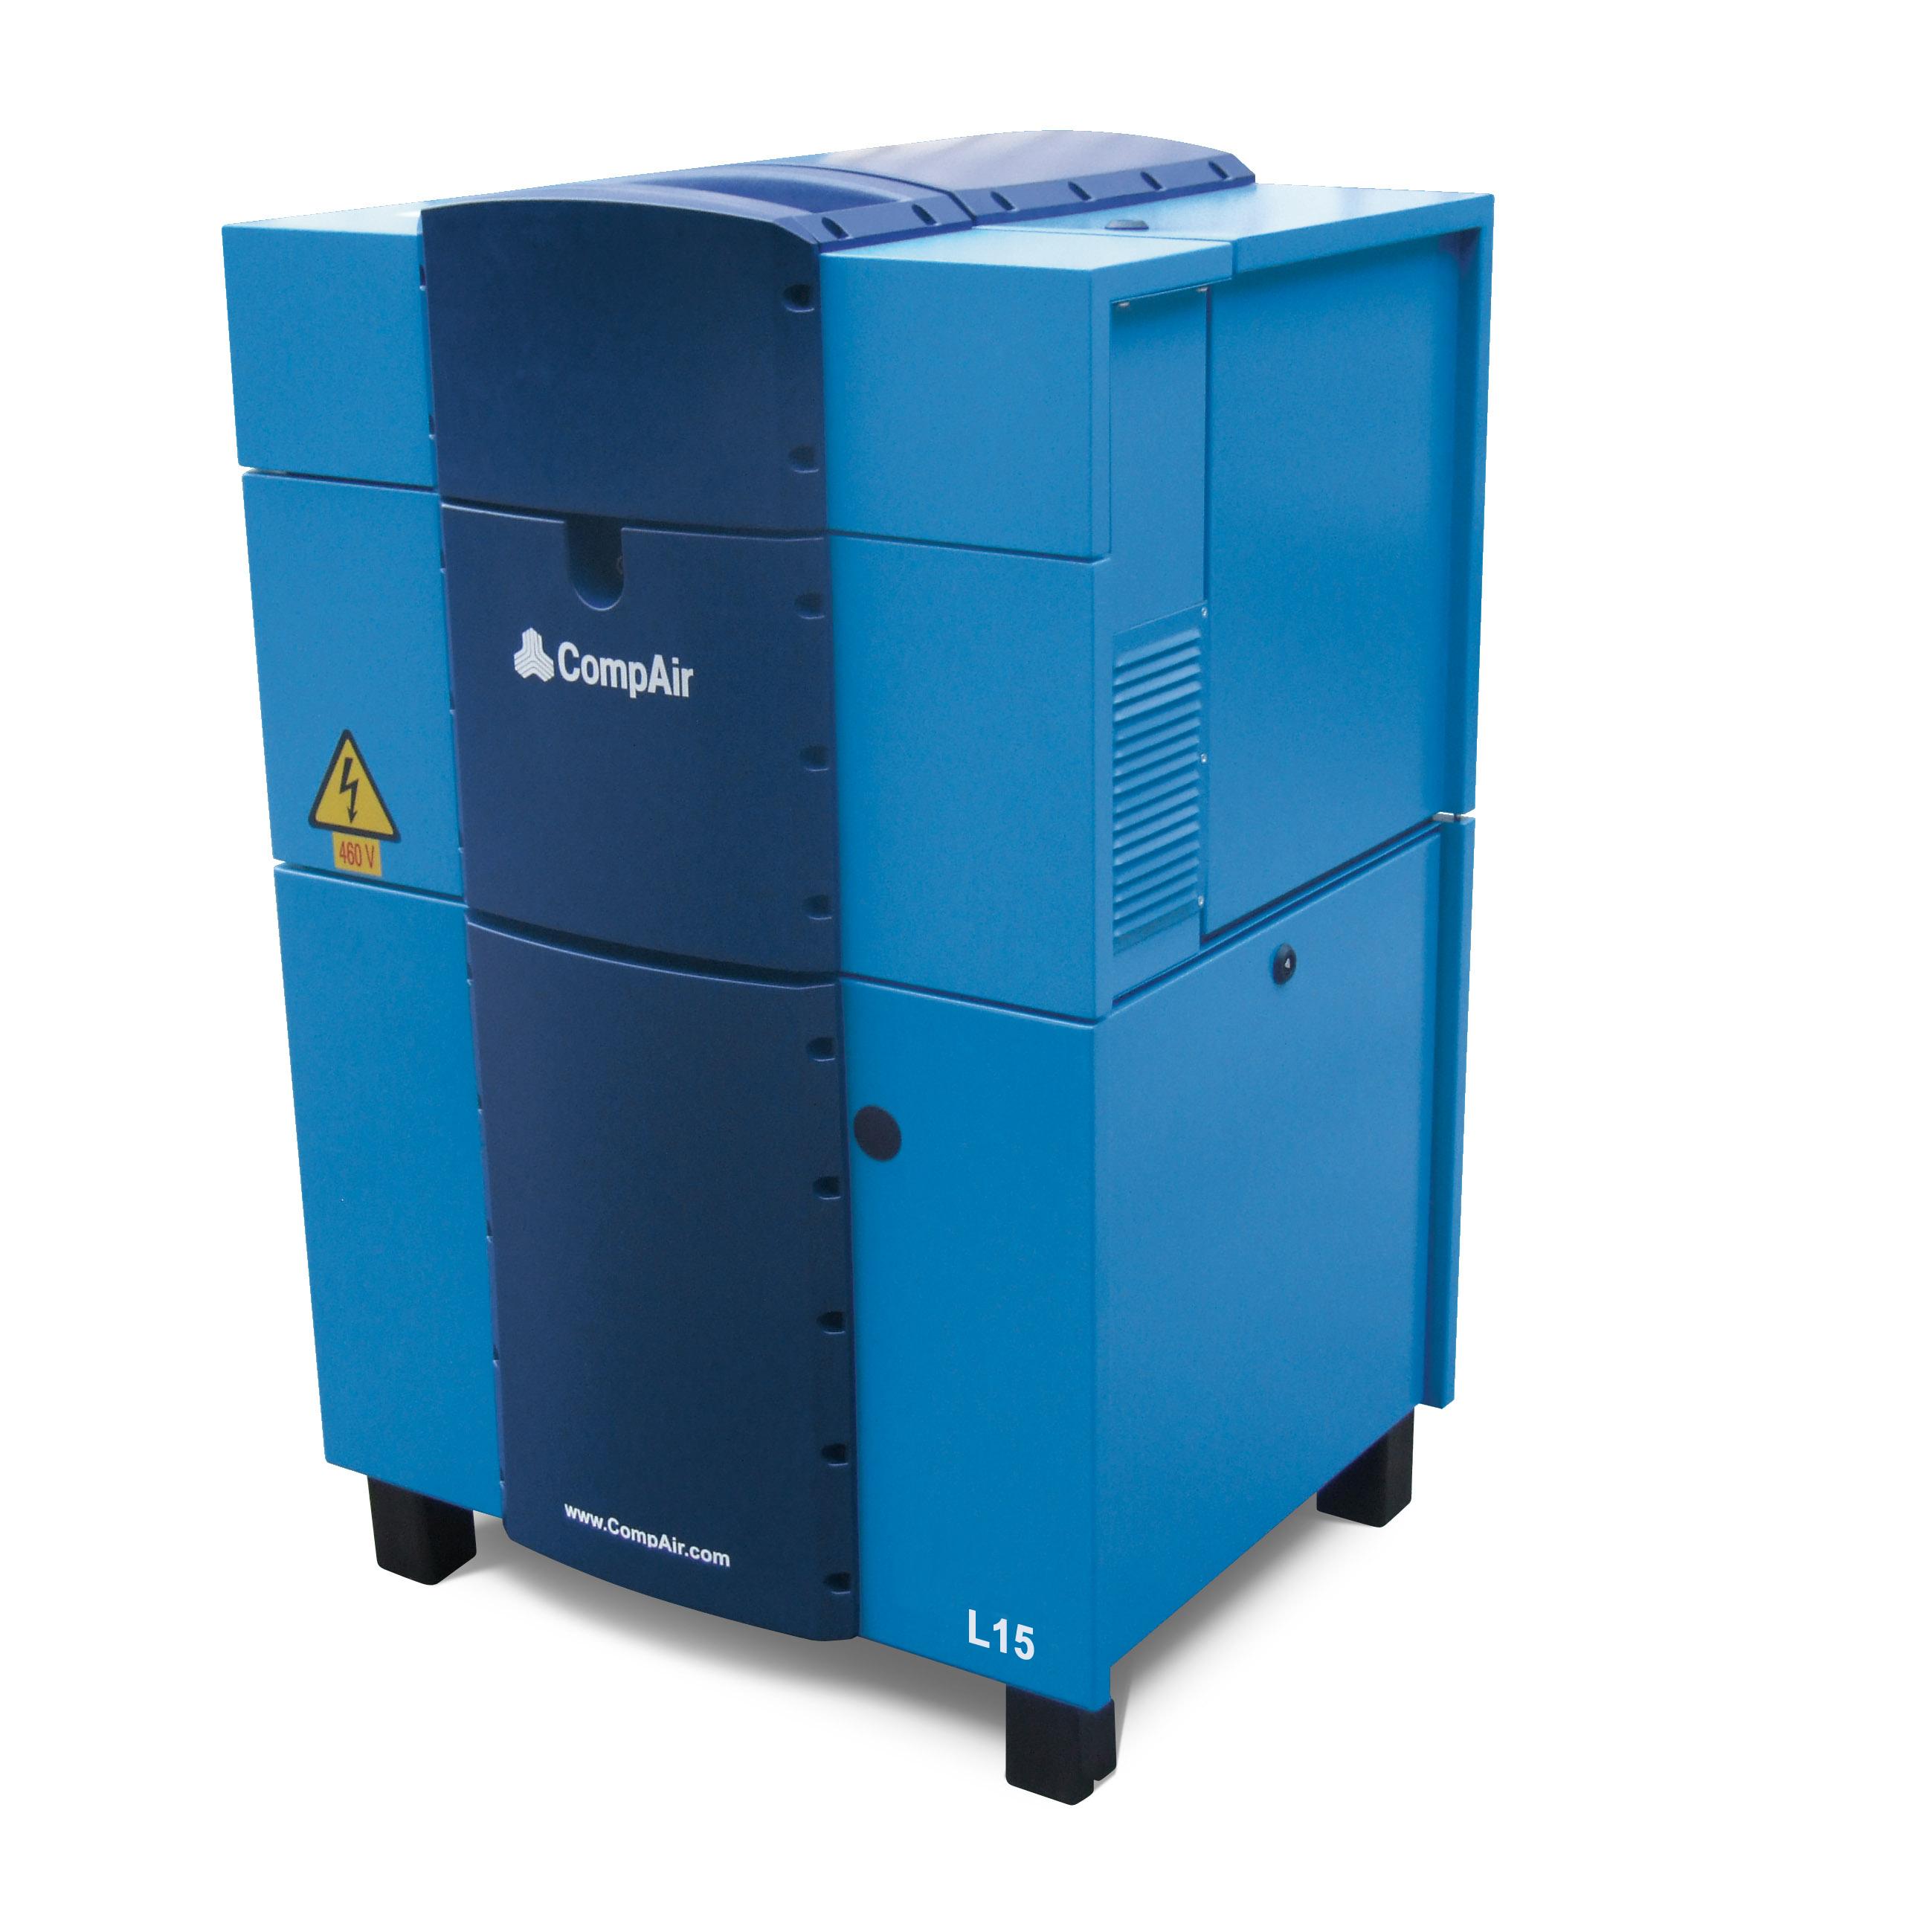 Compair l07 l22 air compressors | compair uk.